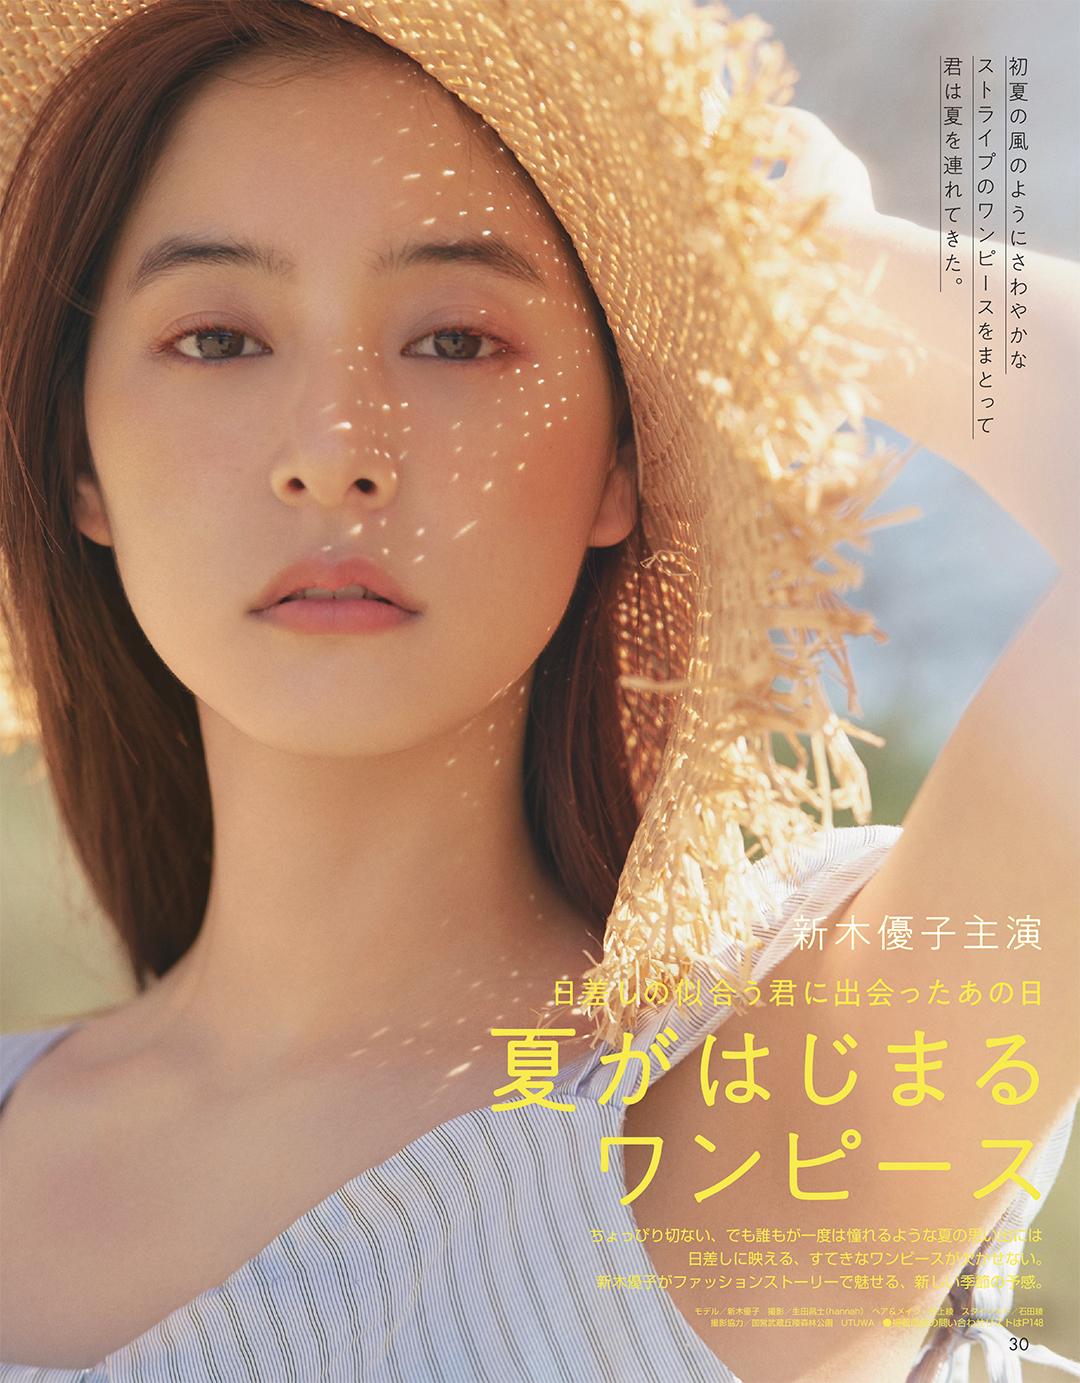 新木優子主演「夏がはじまるワンピース」